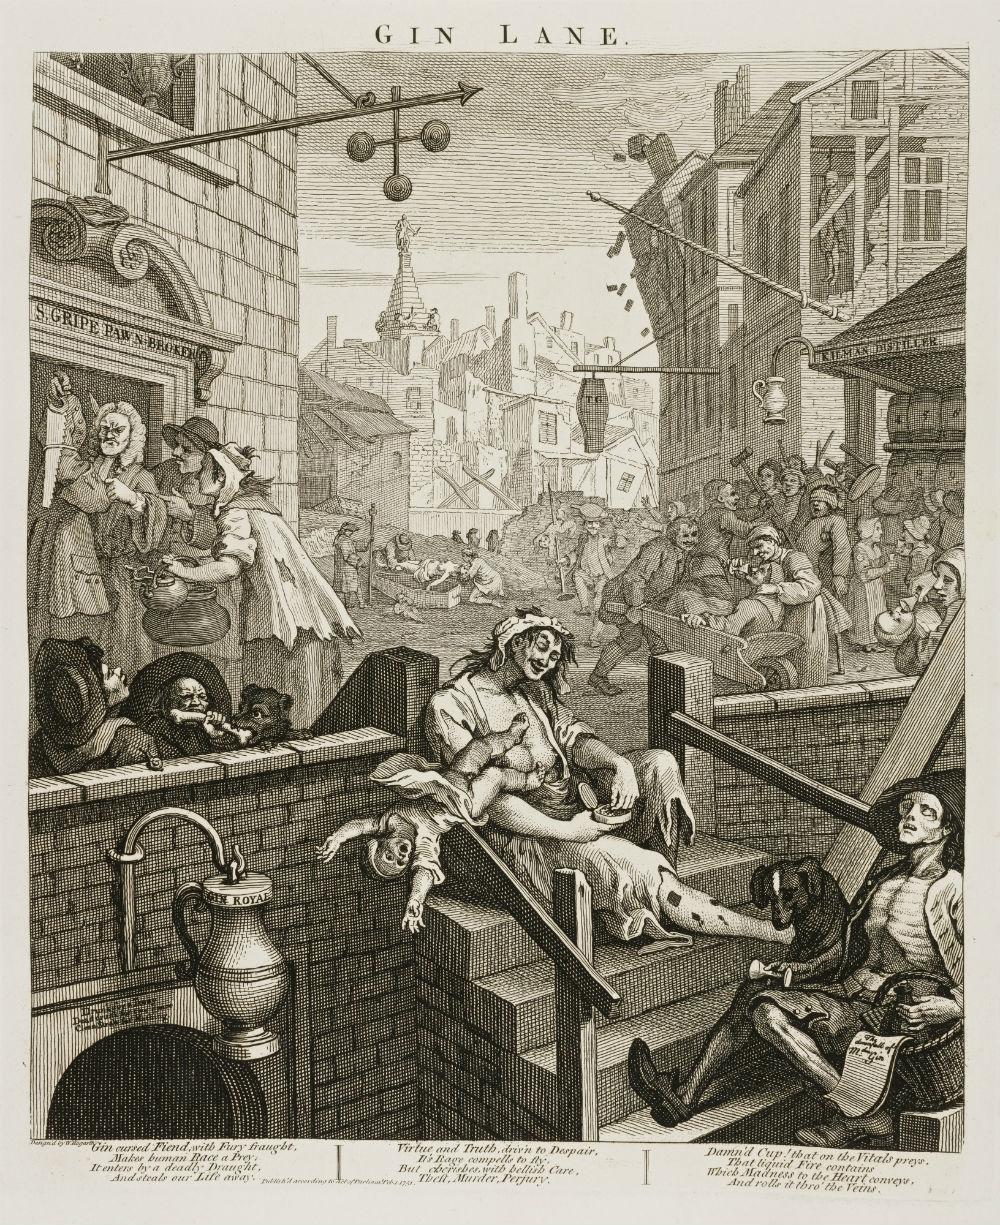 Gin Lane London.jpg